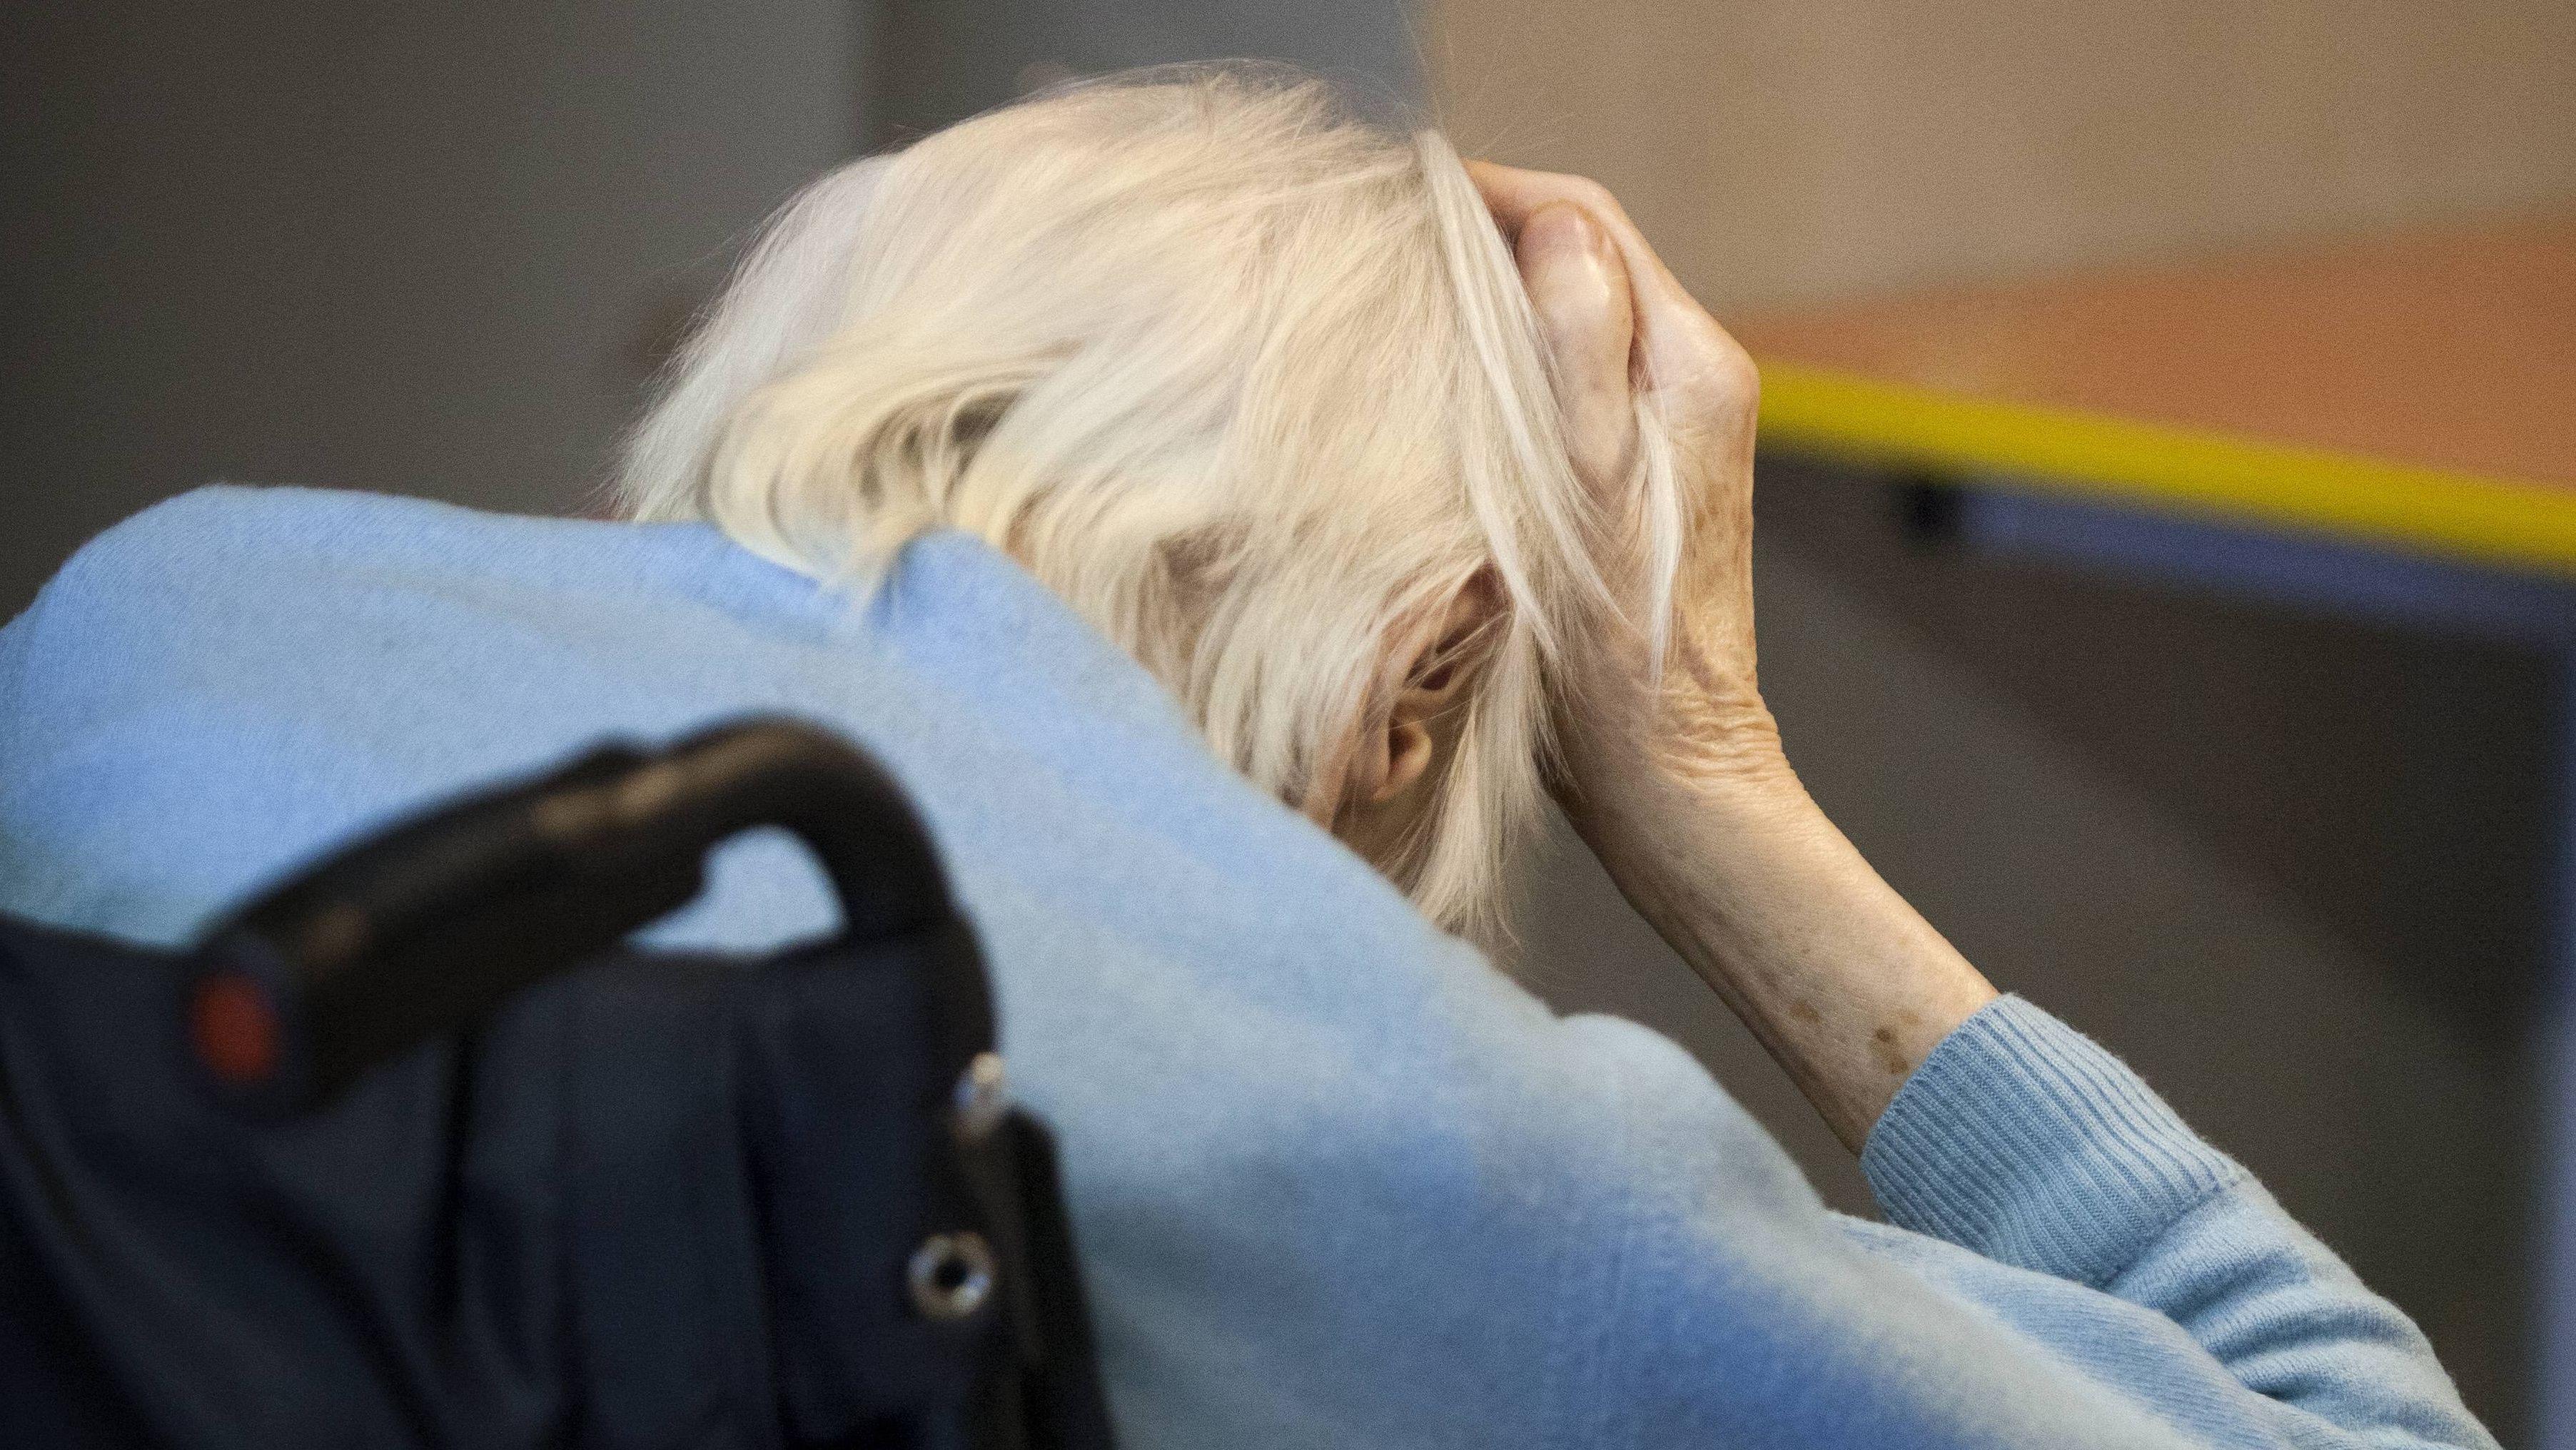 Seniorin im Rollstuhl, das Gesicht in die Hände gestützt (Symbolbild)